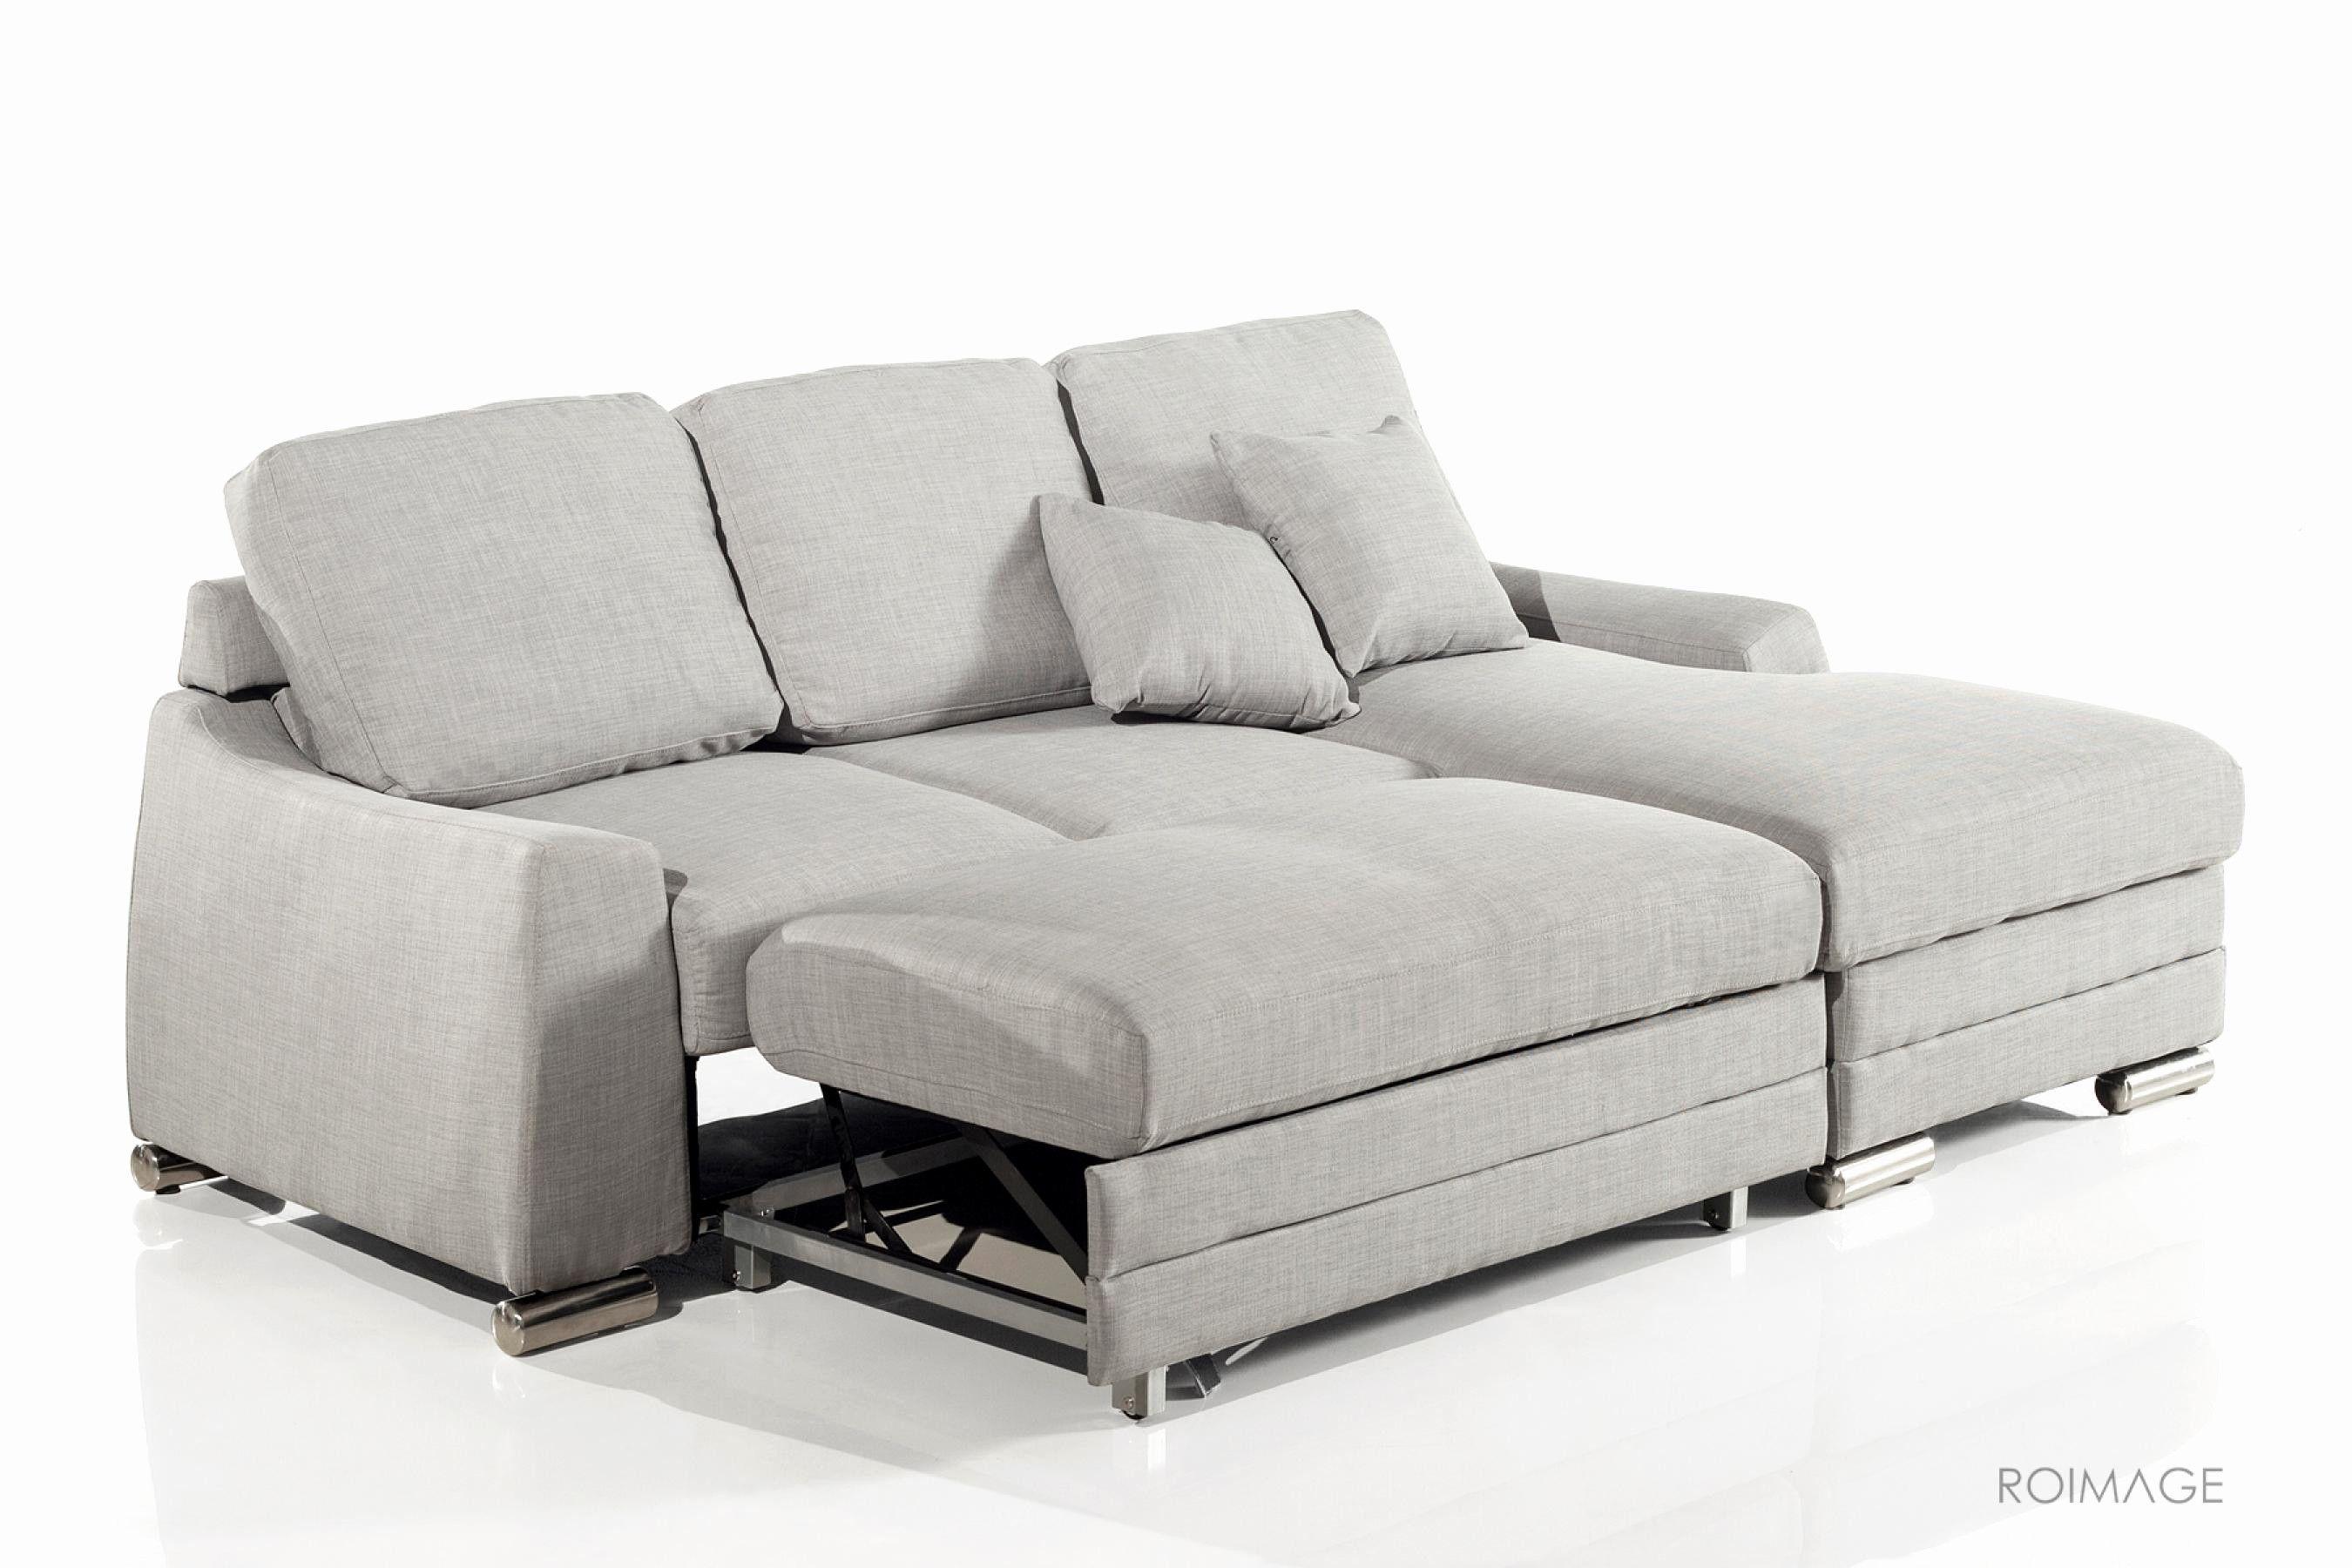 Meilleur Canape D Angle Cuir Design Recommandations Canape Lit Pas Cher Canape Convertible Canape Lit Convertible